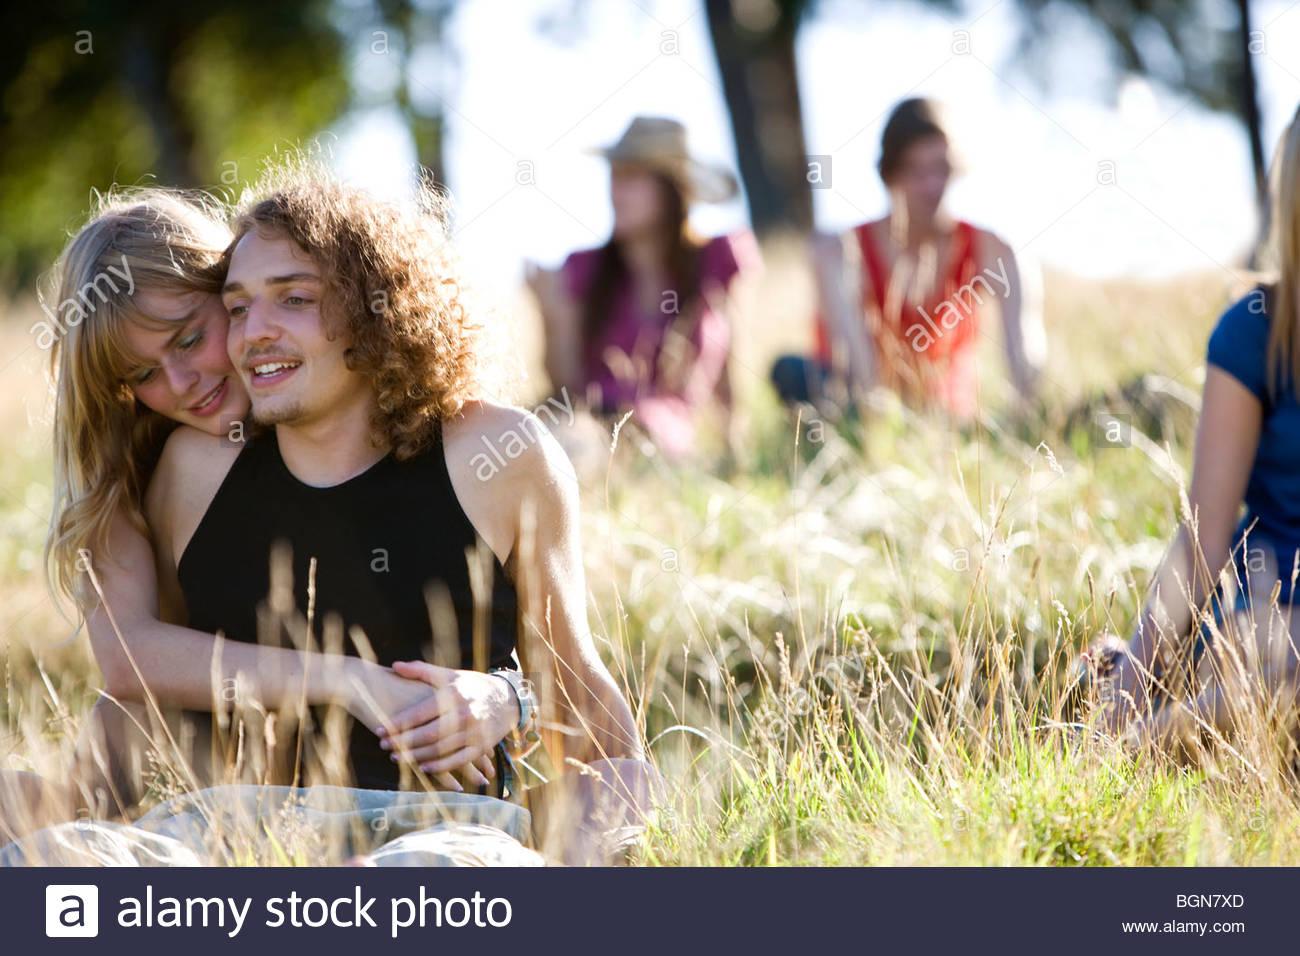 Un jeune couple assis dans un parc, enlacés, les jeunes dans l'arrière-plan Banque D'Images